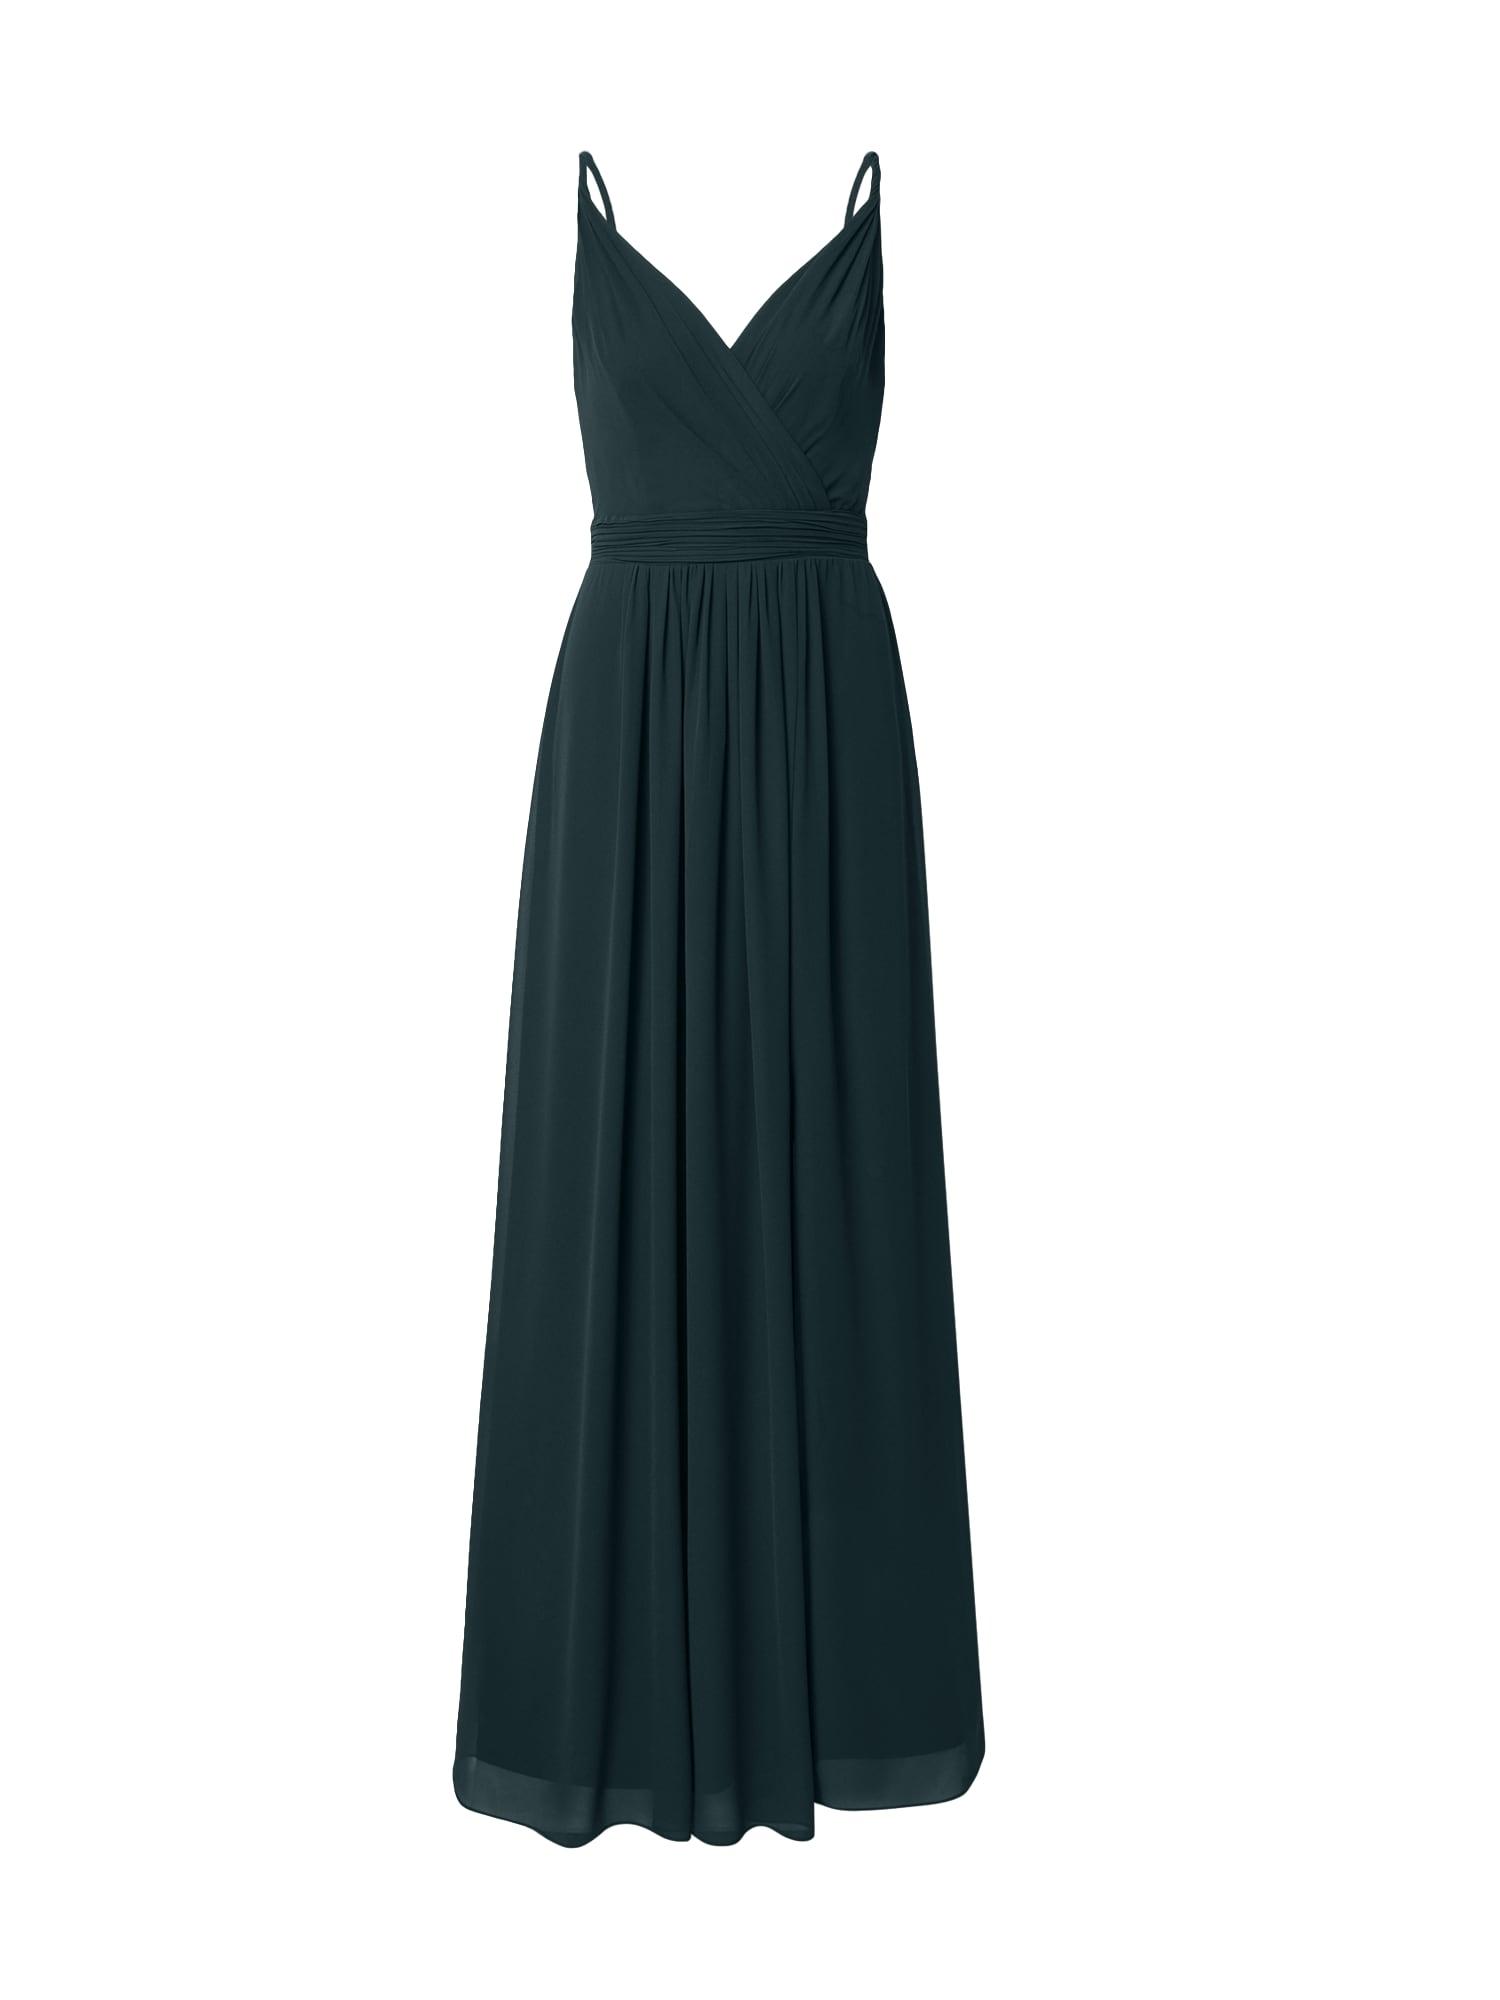 STAR NIGHT Vakarinė suknelė smaragdinė spalva